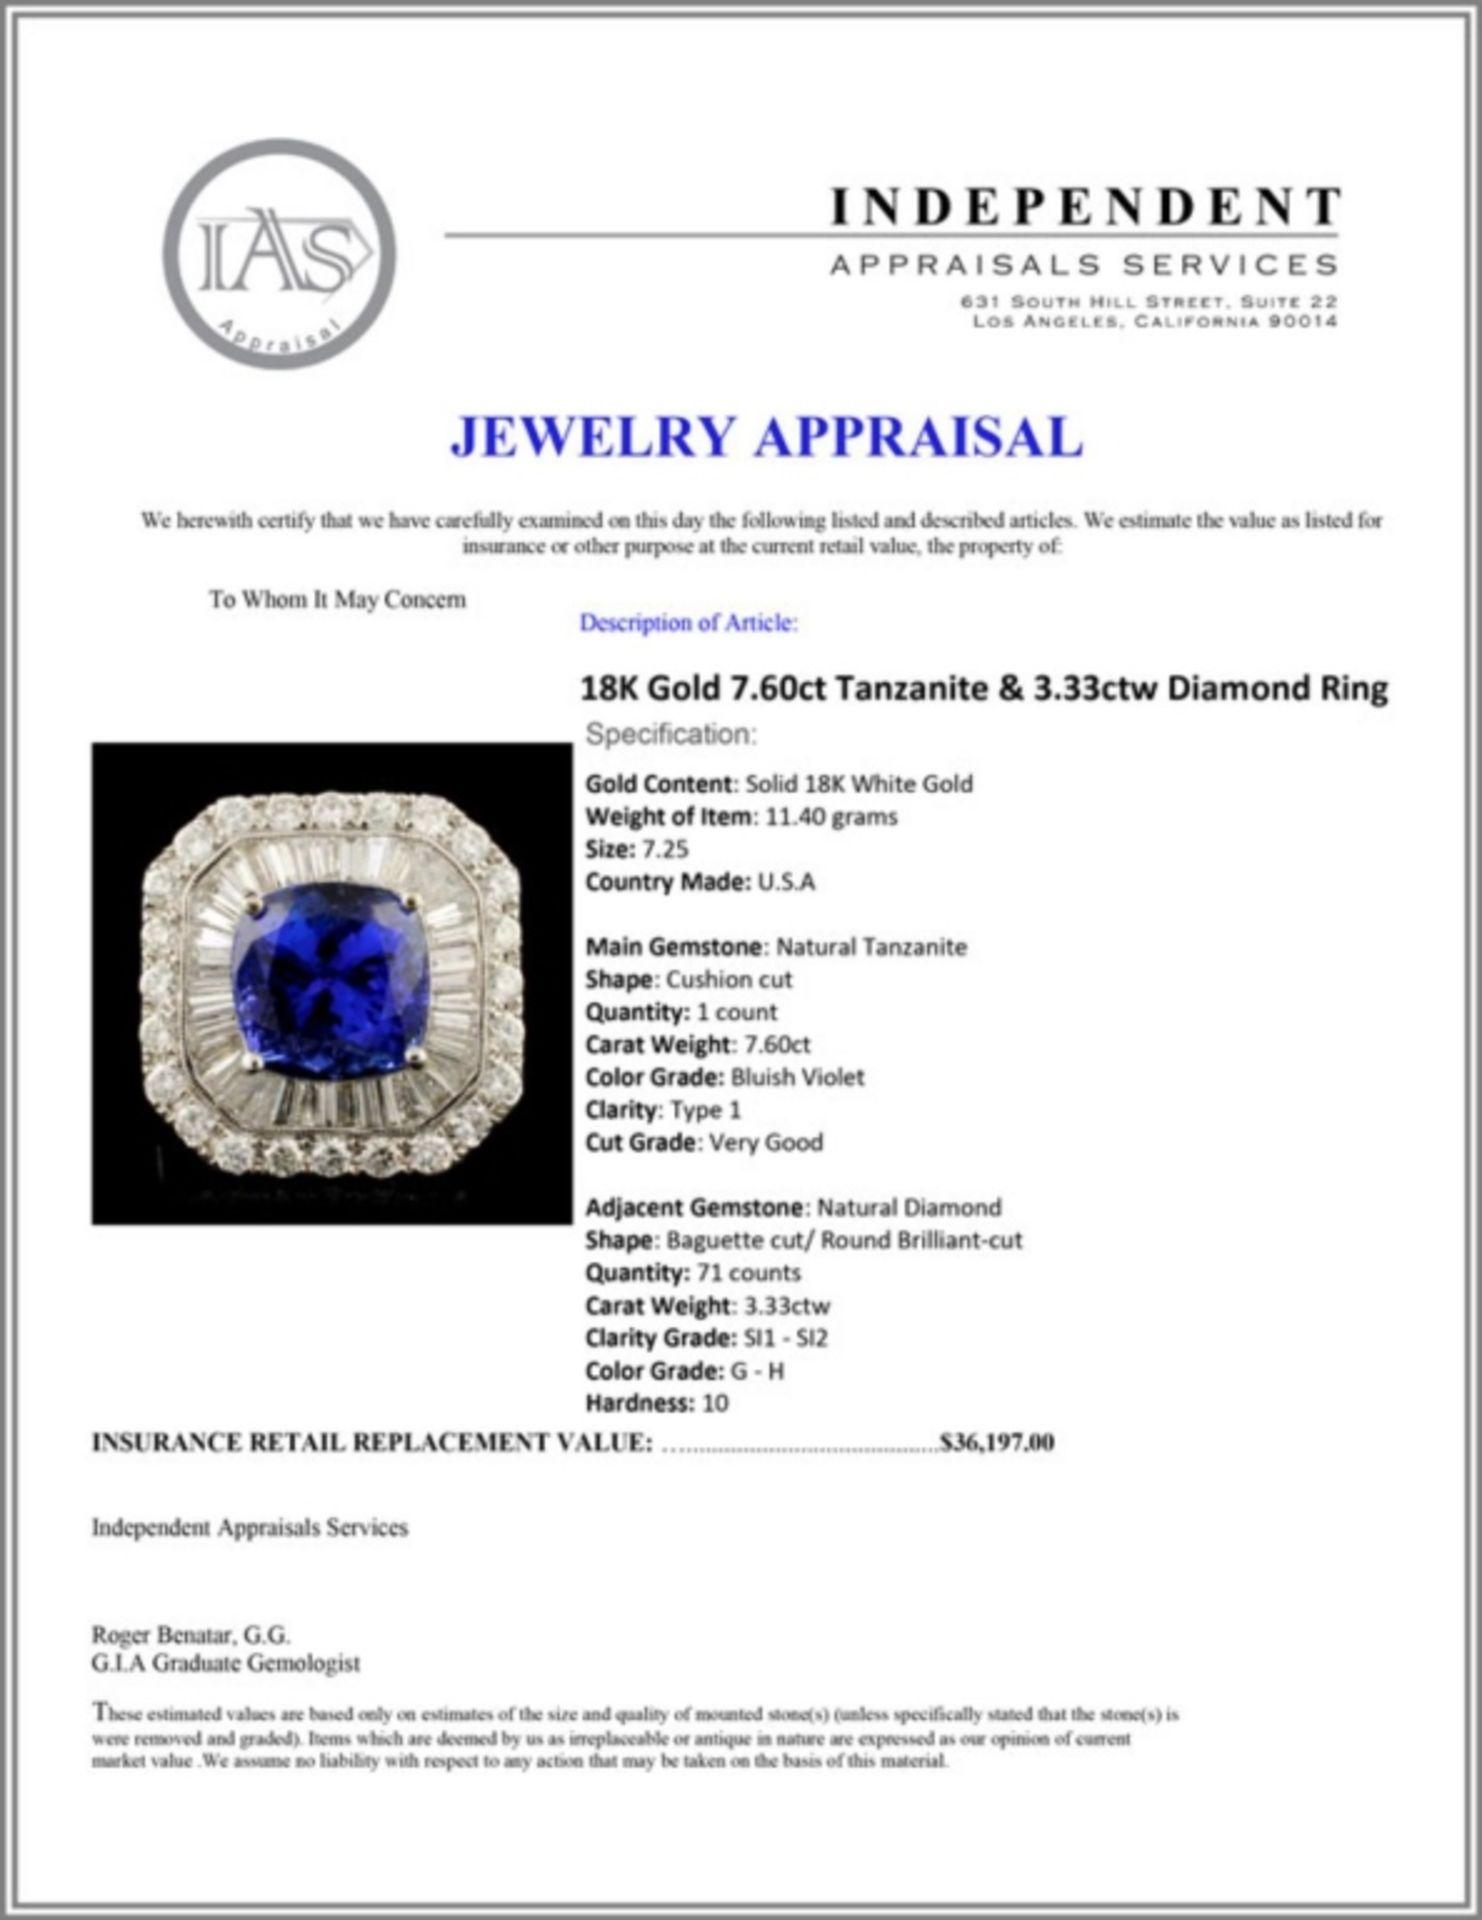 18K Gold 7.60ct Tanzanite & 3.33ctw Diamond Ring - Image 5 of 5